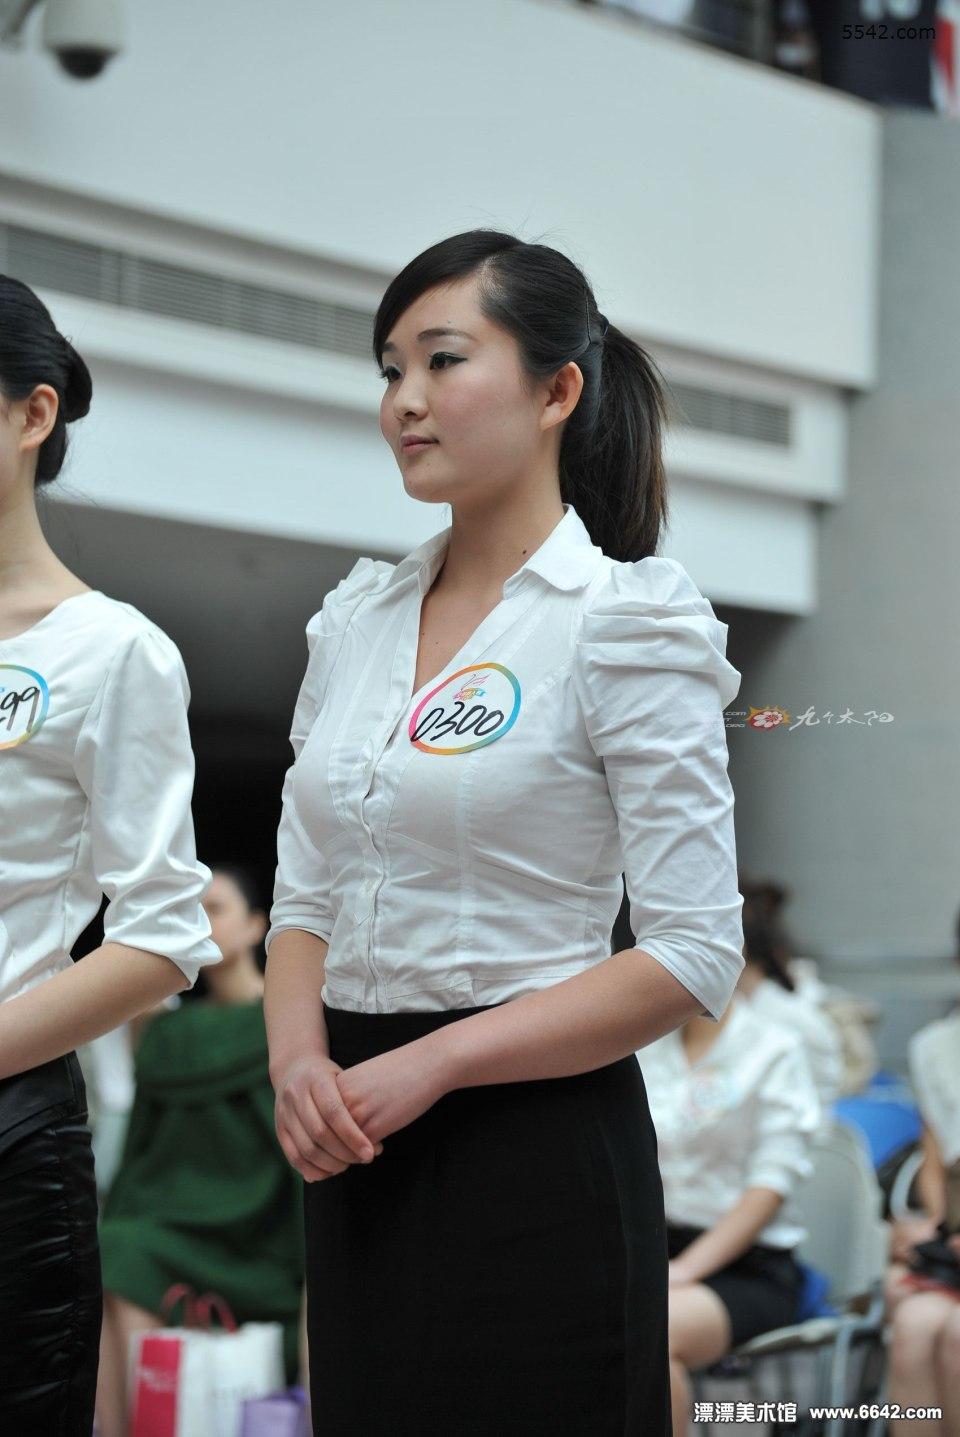 空姐招聘_当空姐对疤痕的要求,南航招聘空姐的要求,报考空姐的